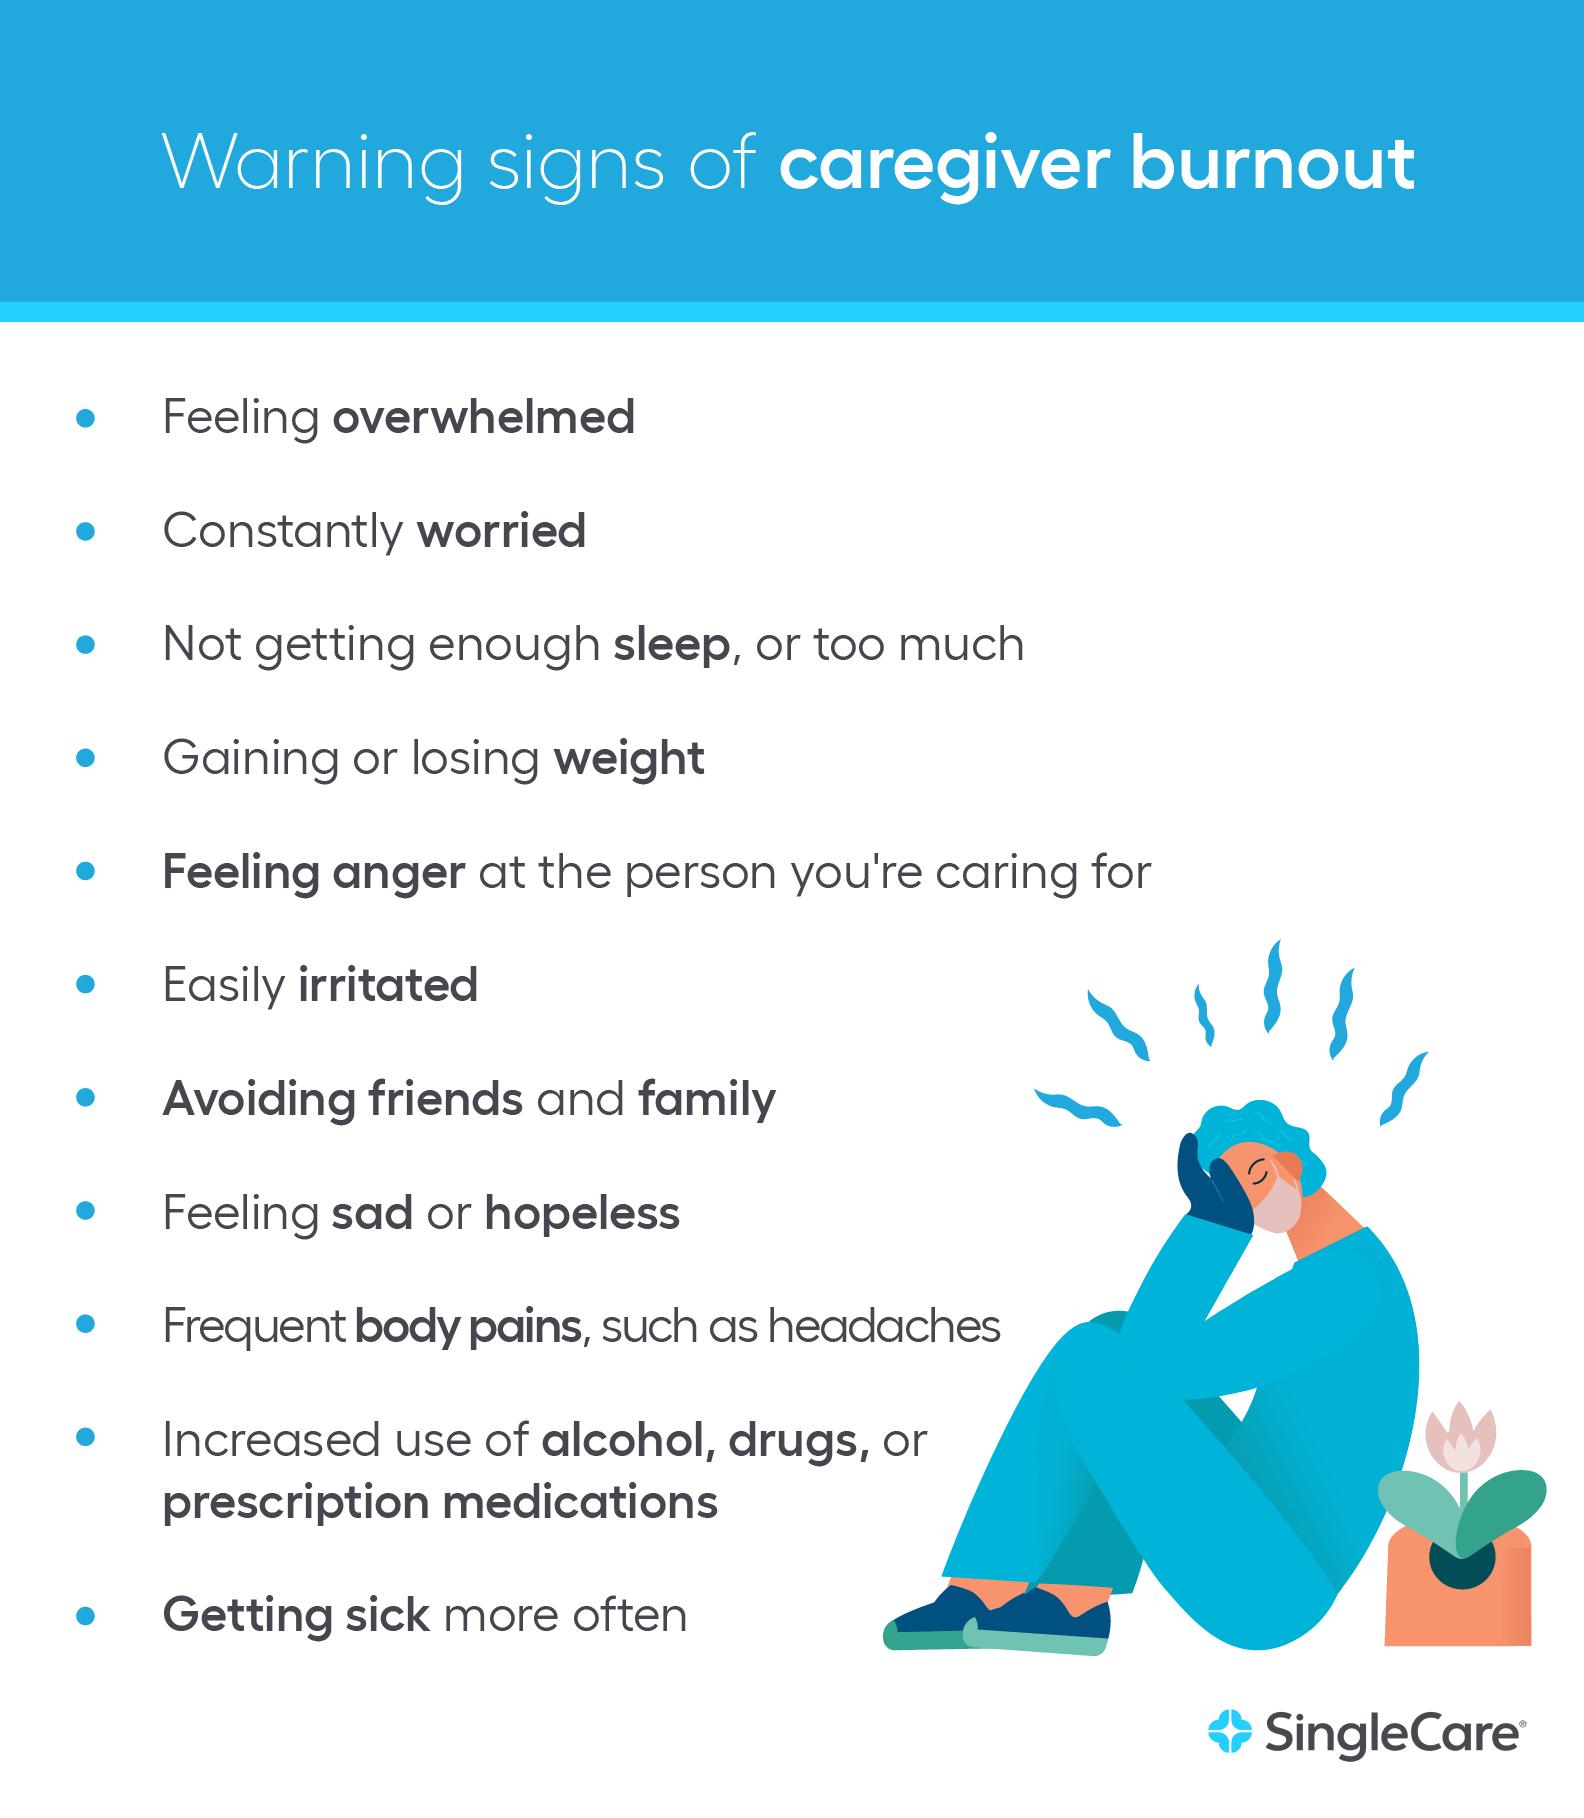 Warning Signs of Caregiver Burnout